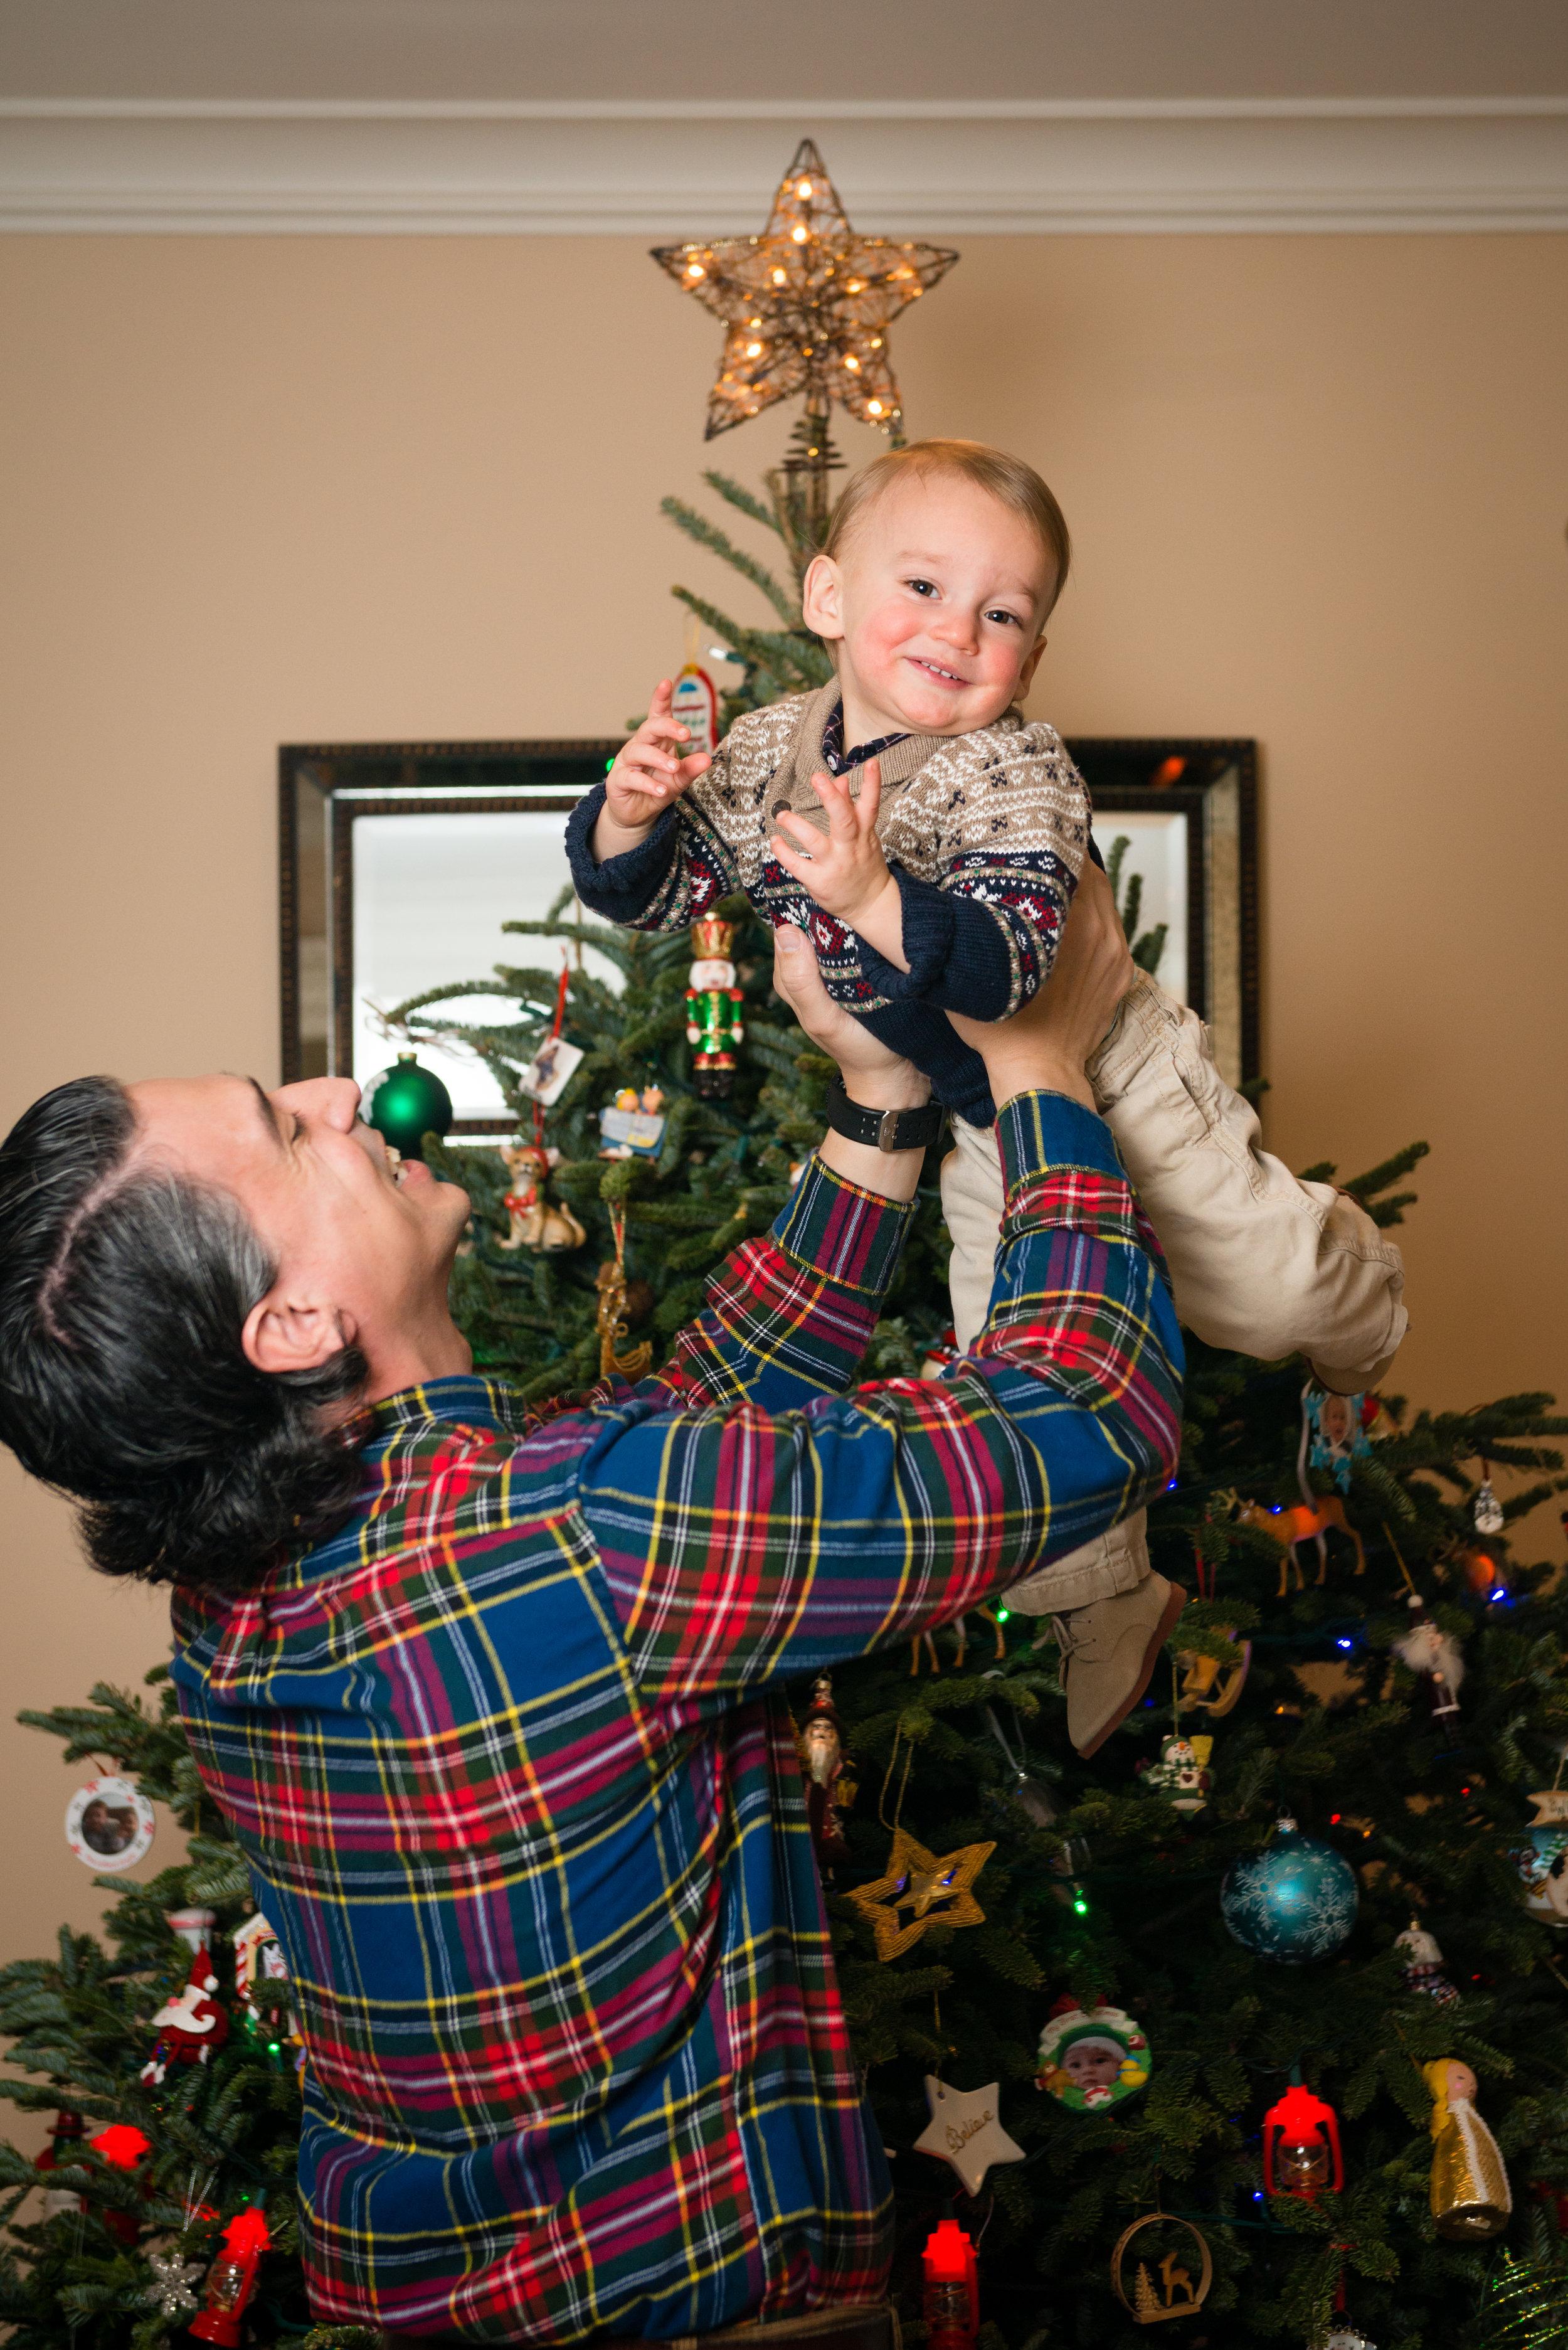 Christmas-Photos-28.jpg